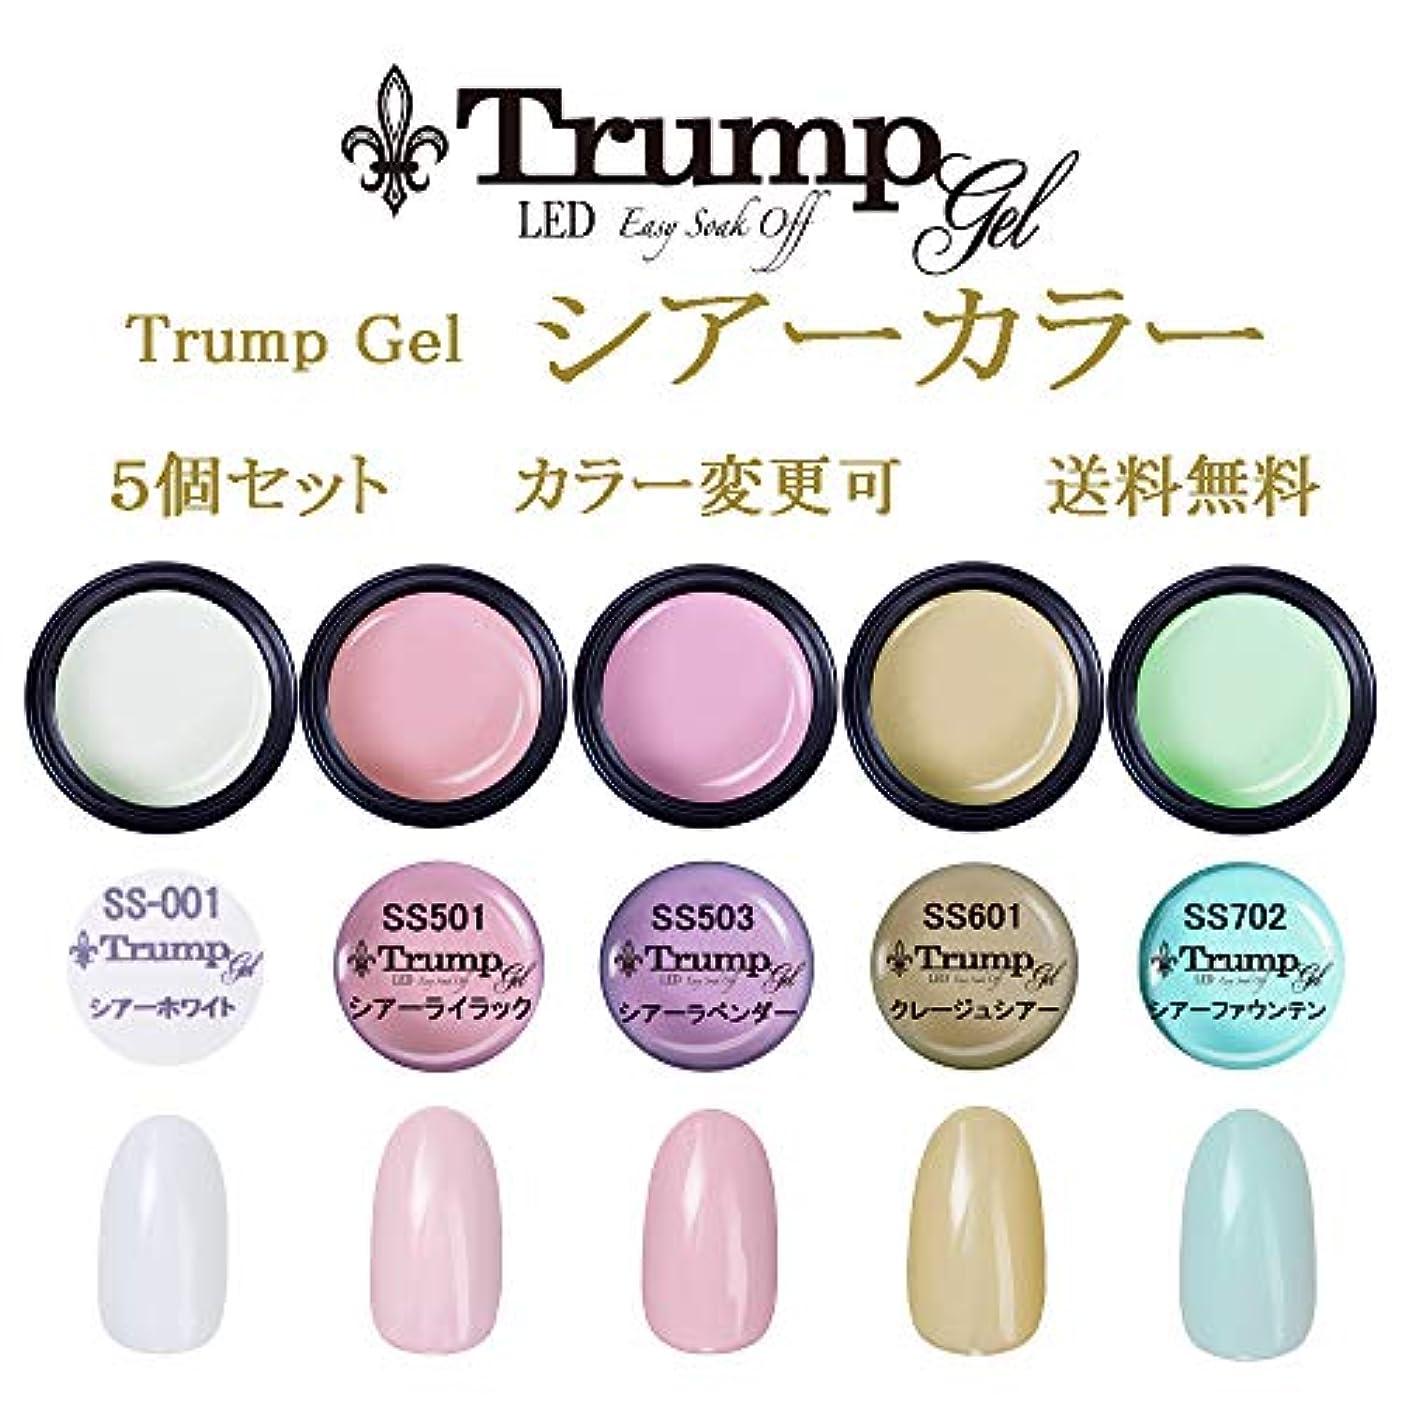 代わりにを立てるひそかに信じられない日本製 Trump gel トランプジェル シアー カラージェル 選べる 5個セット ホワイト ピンク パープル イエロー ブルー